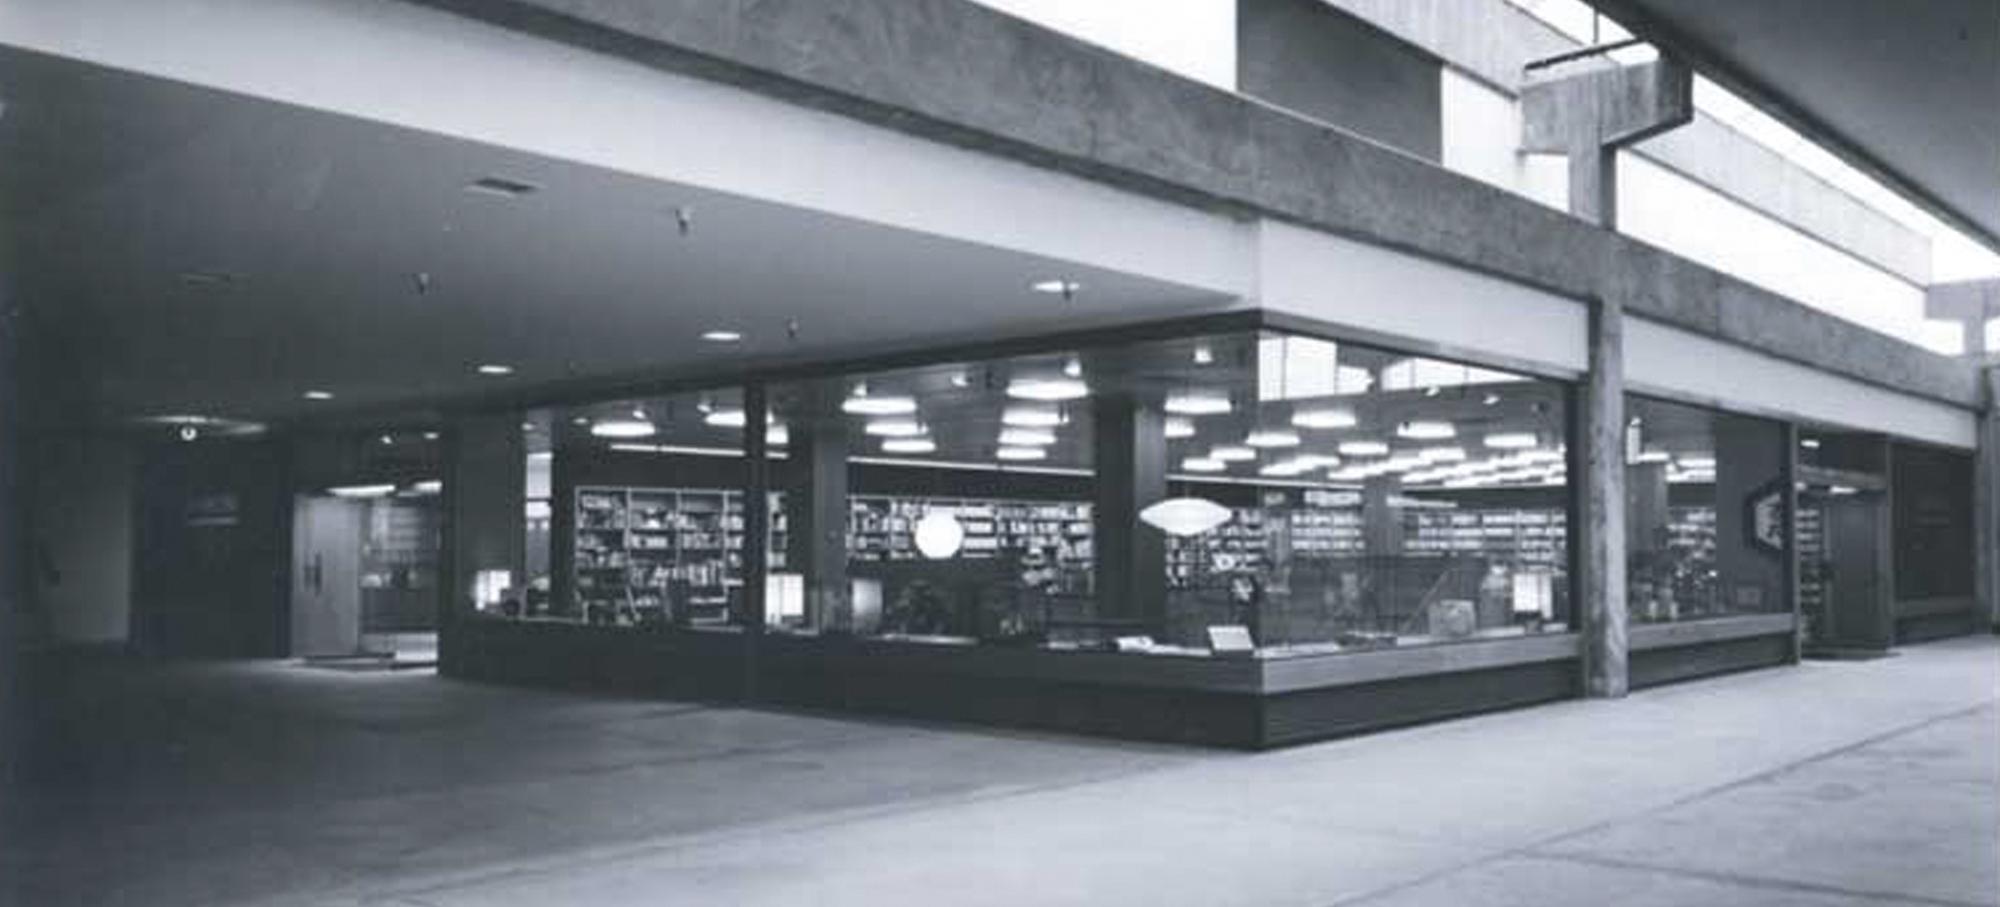 Kinokuniya San Francisco - 1969 | Kinokuniya's first overseas store